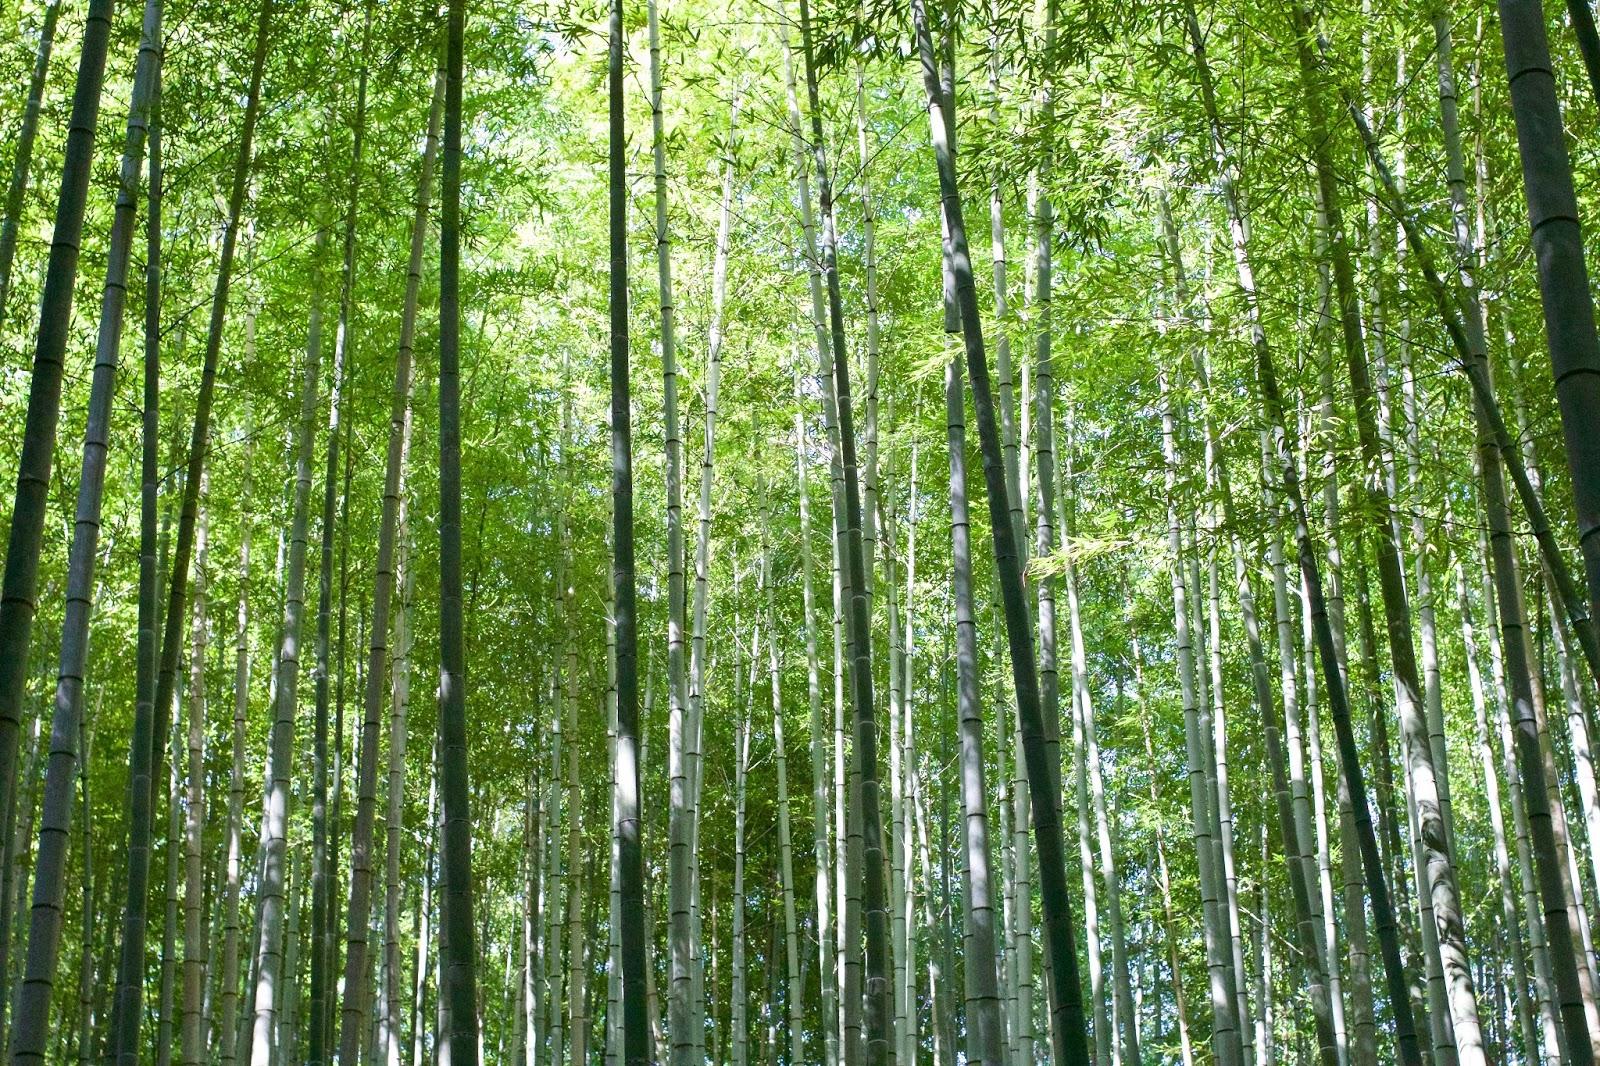 Arashiyama-bamboo-grove-Kyoto-Japan